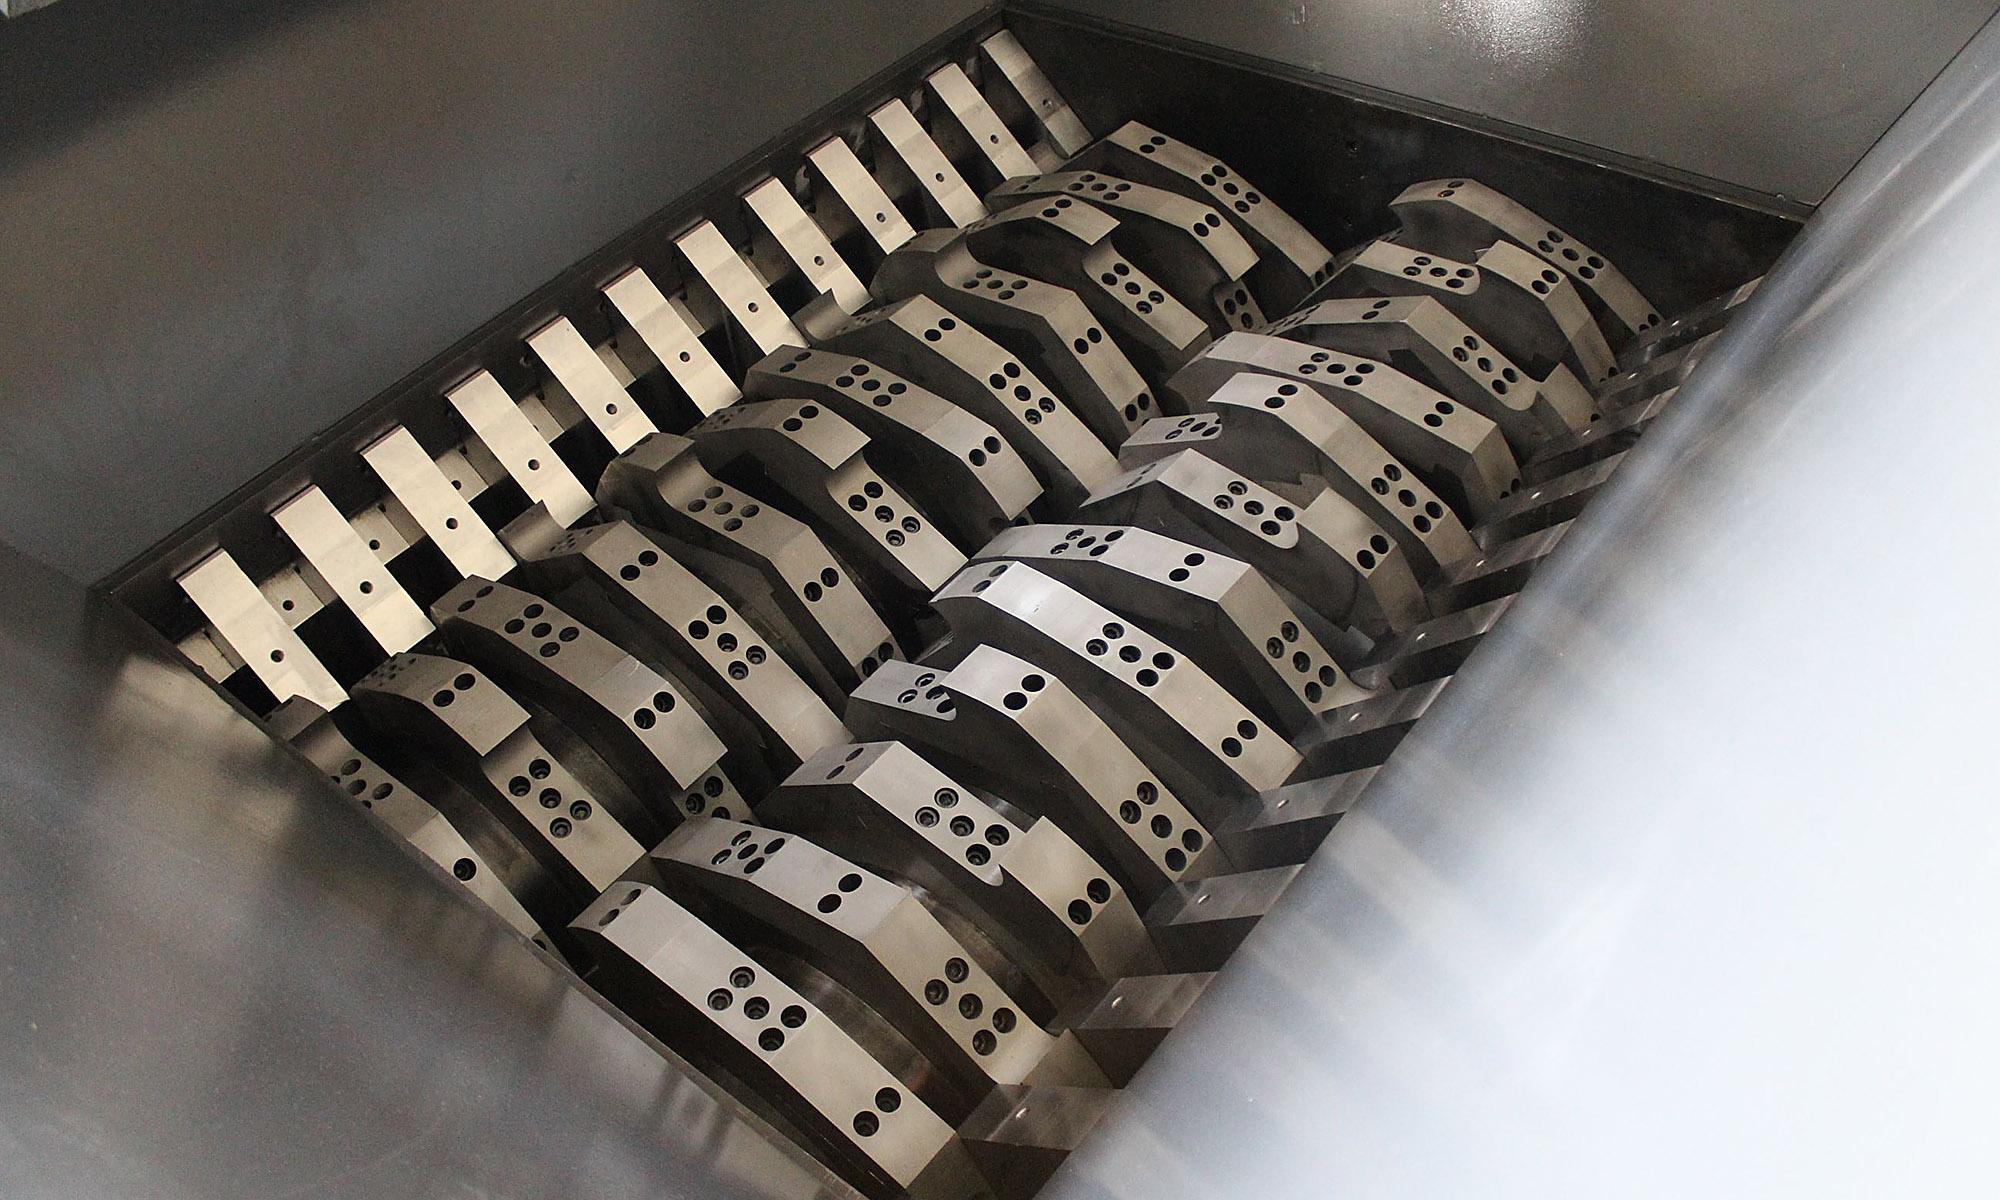 Shred pax industrial shredders Which shredder should i buy